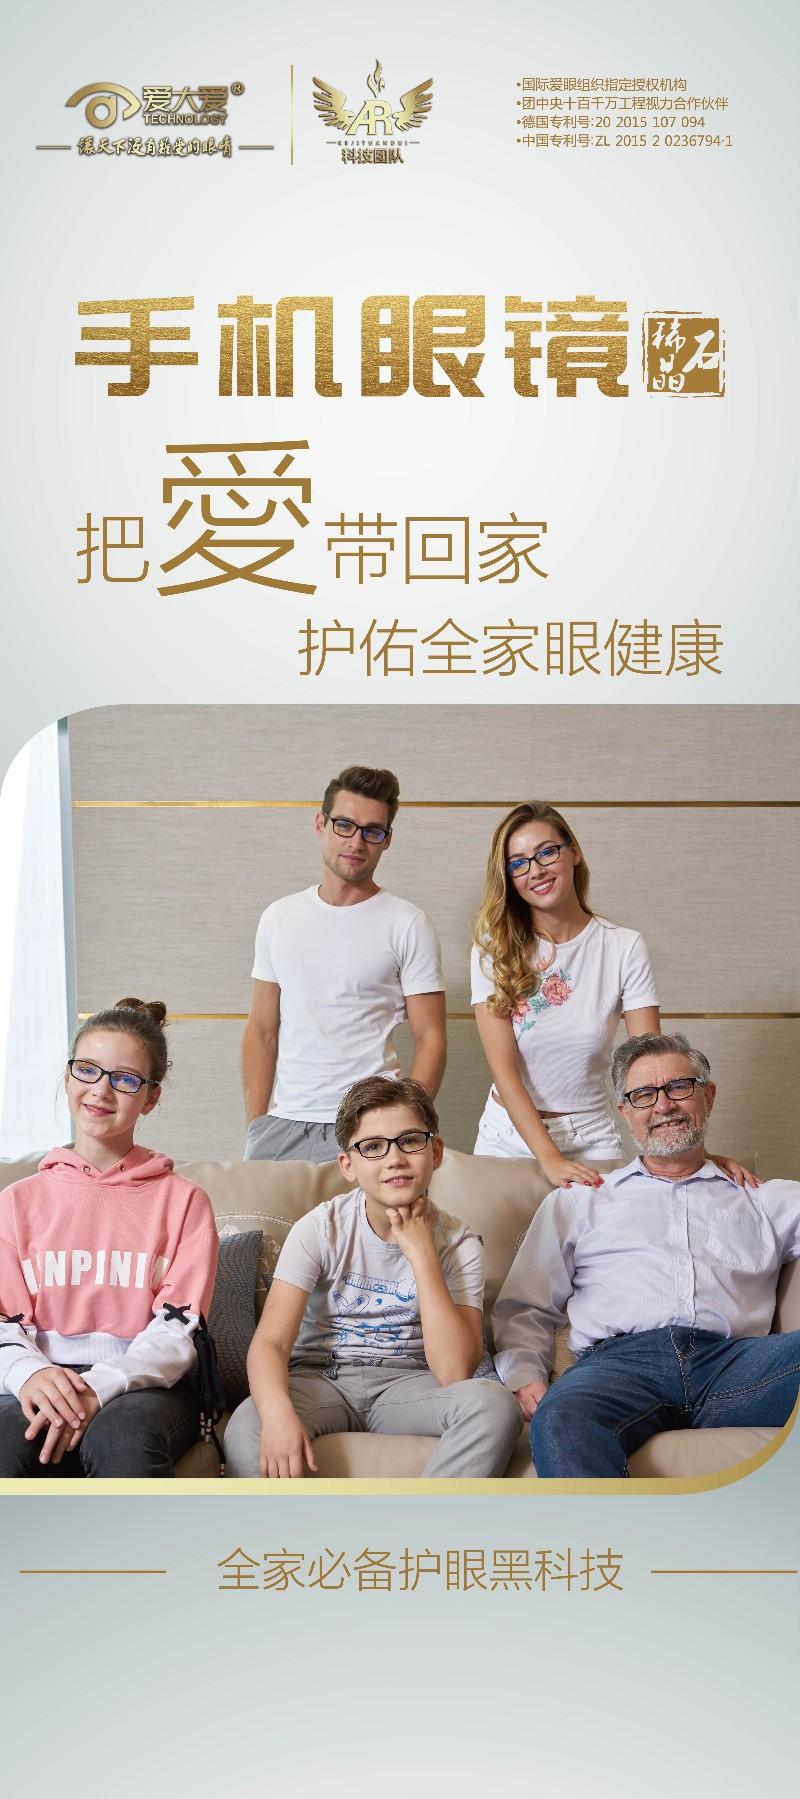 AR科技,爱大爱手机眼镜怎么样,多少钱